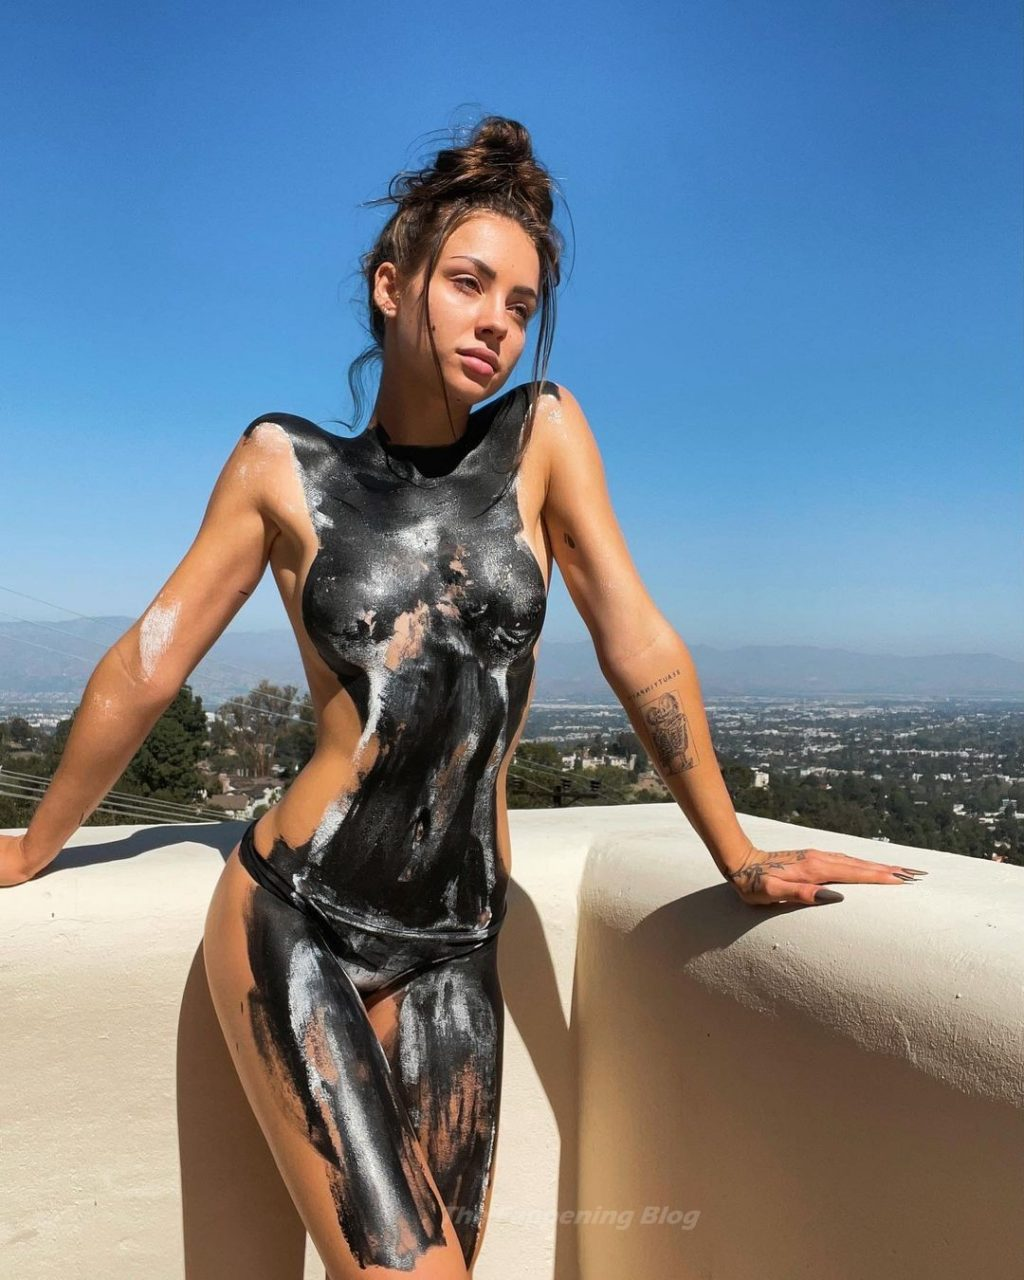 Charly Jordan Topless (3 Photos)